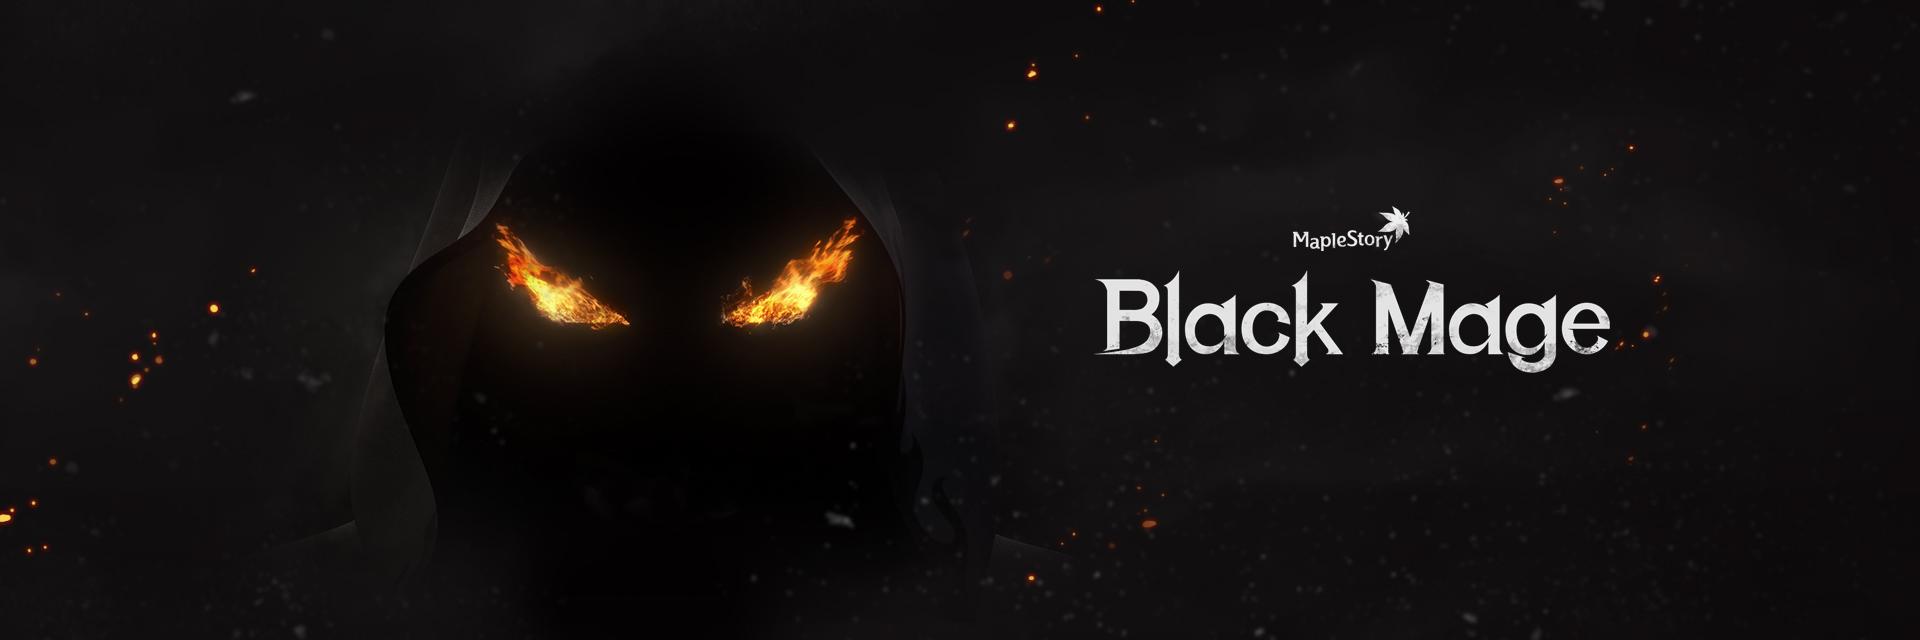 Black Mage | MapleWiki | FANDOM powered by Wikia